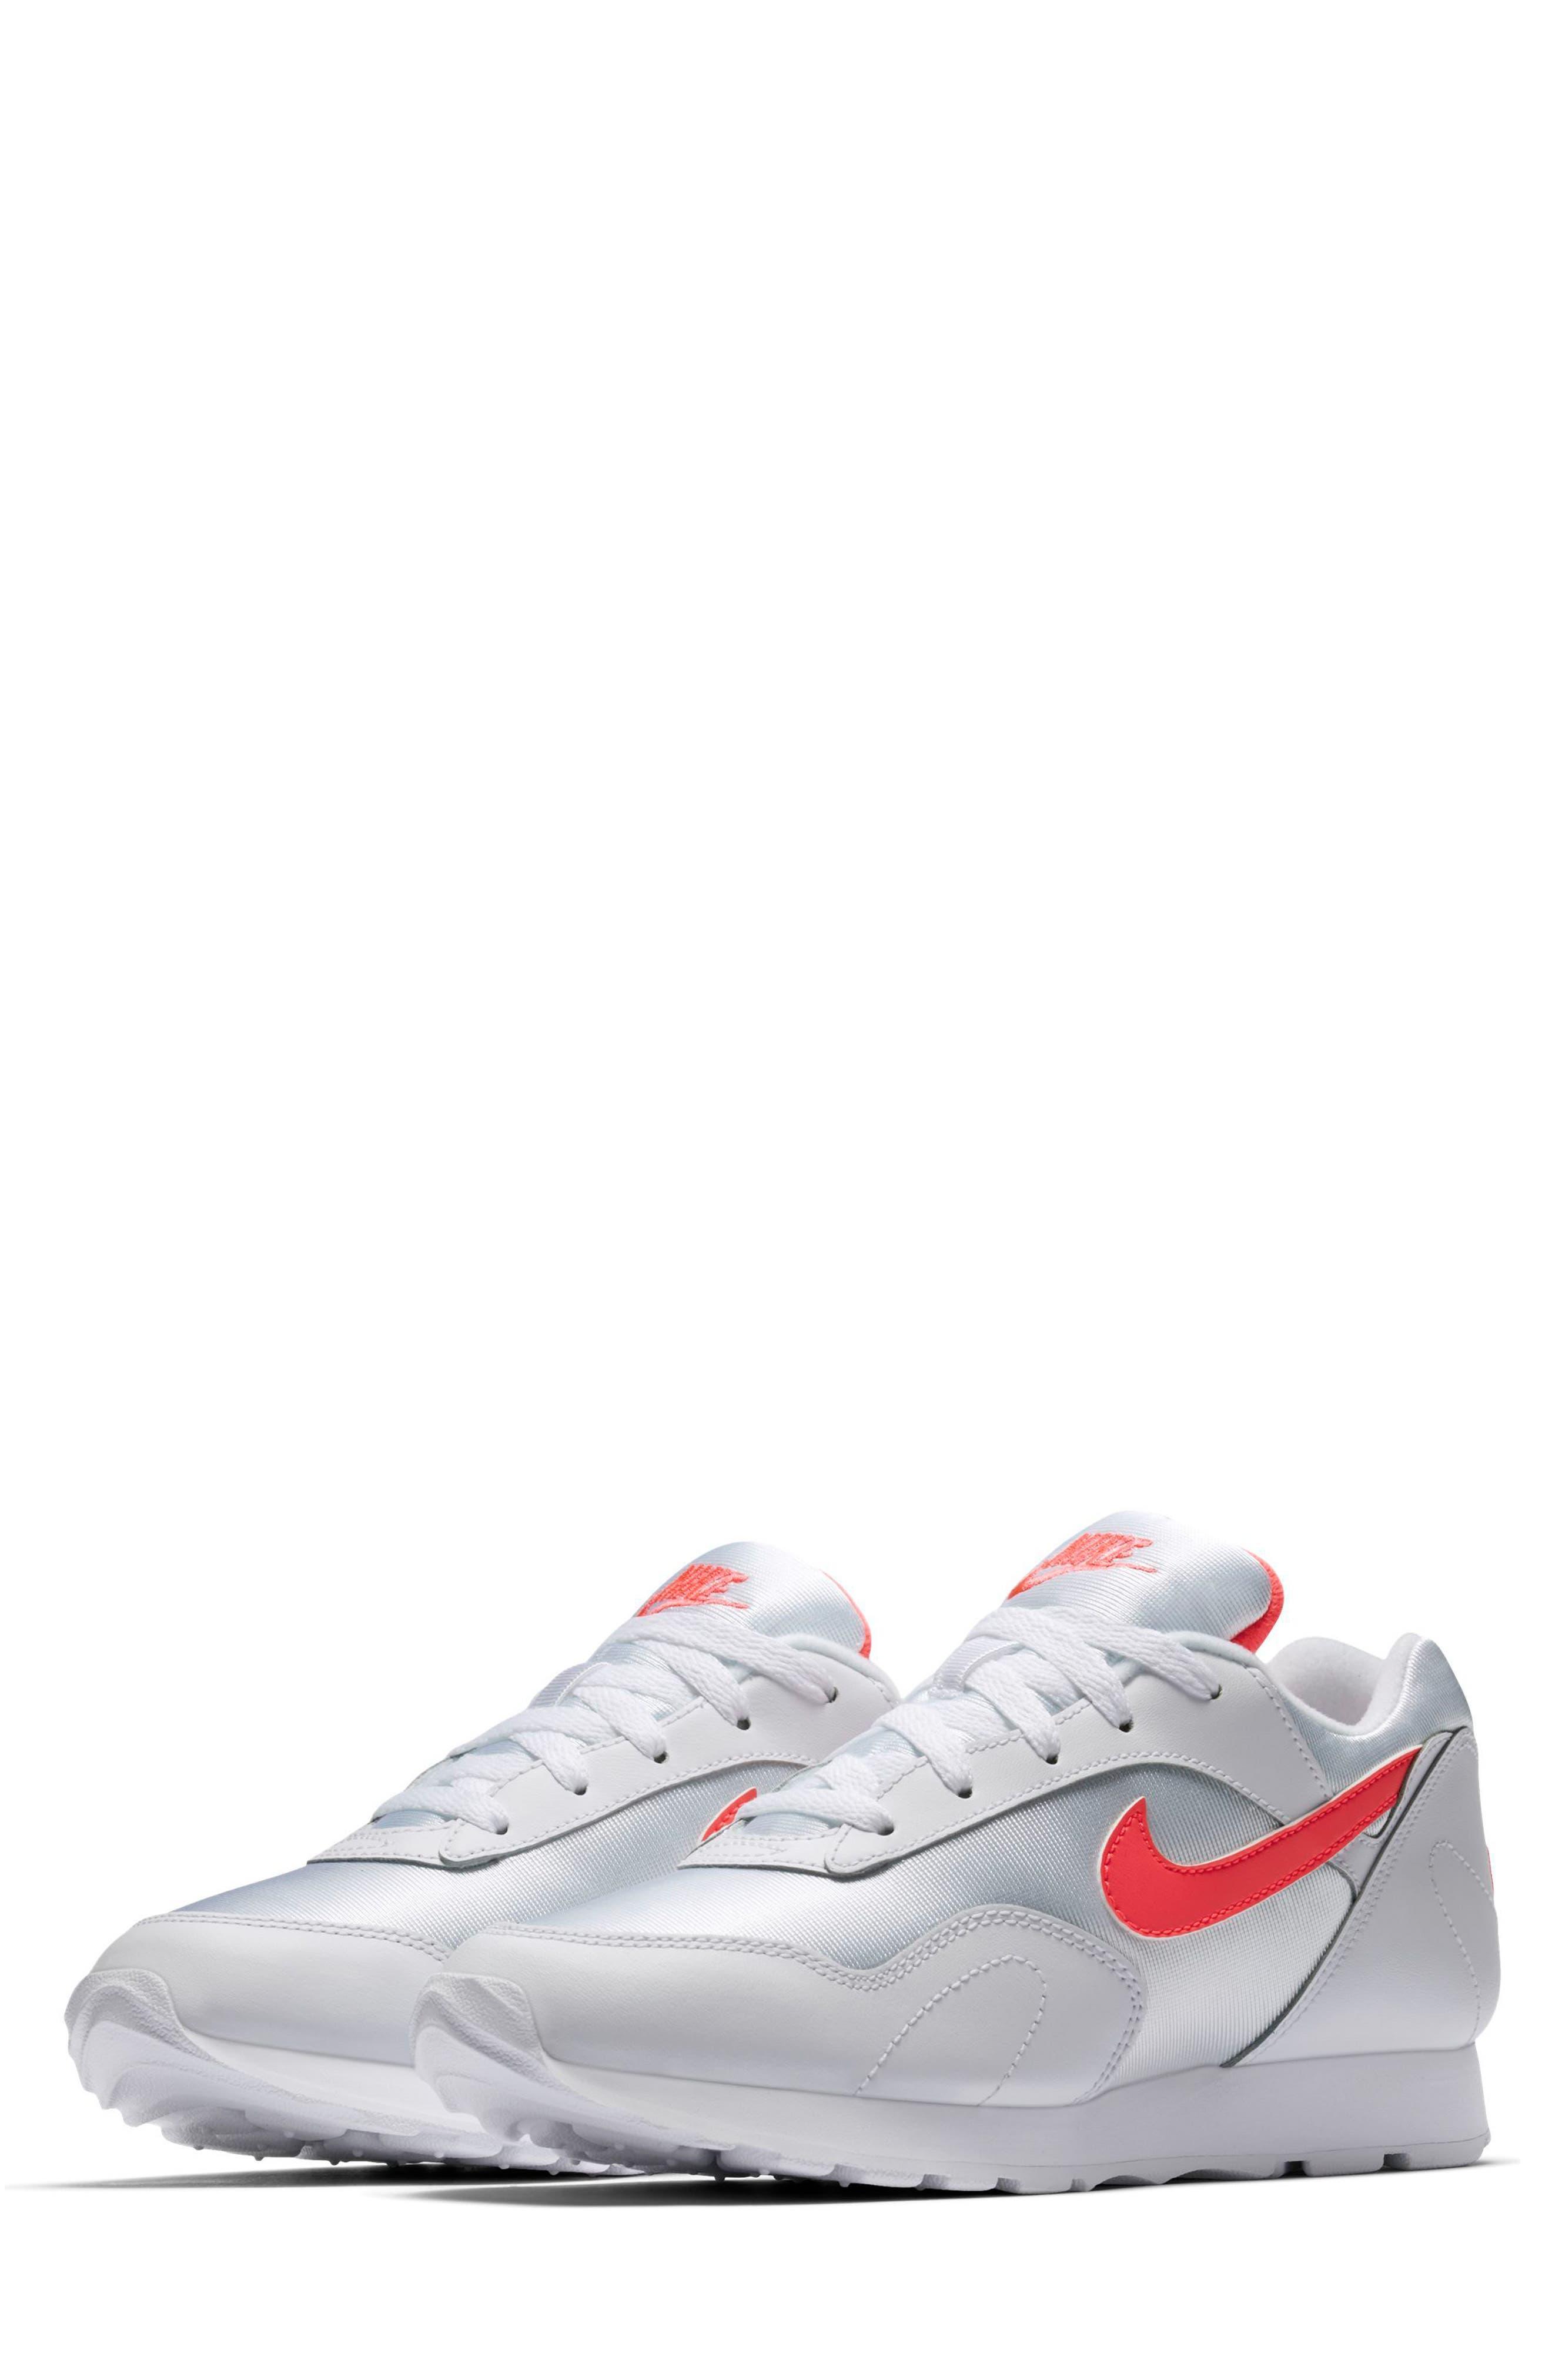 Outburst OG Sneaker,                             Main thumbnail 1, color,                             101